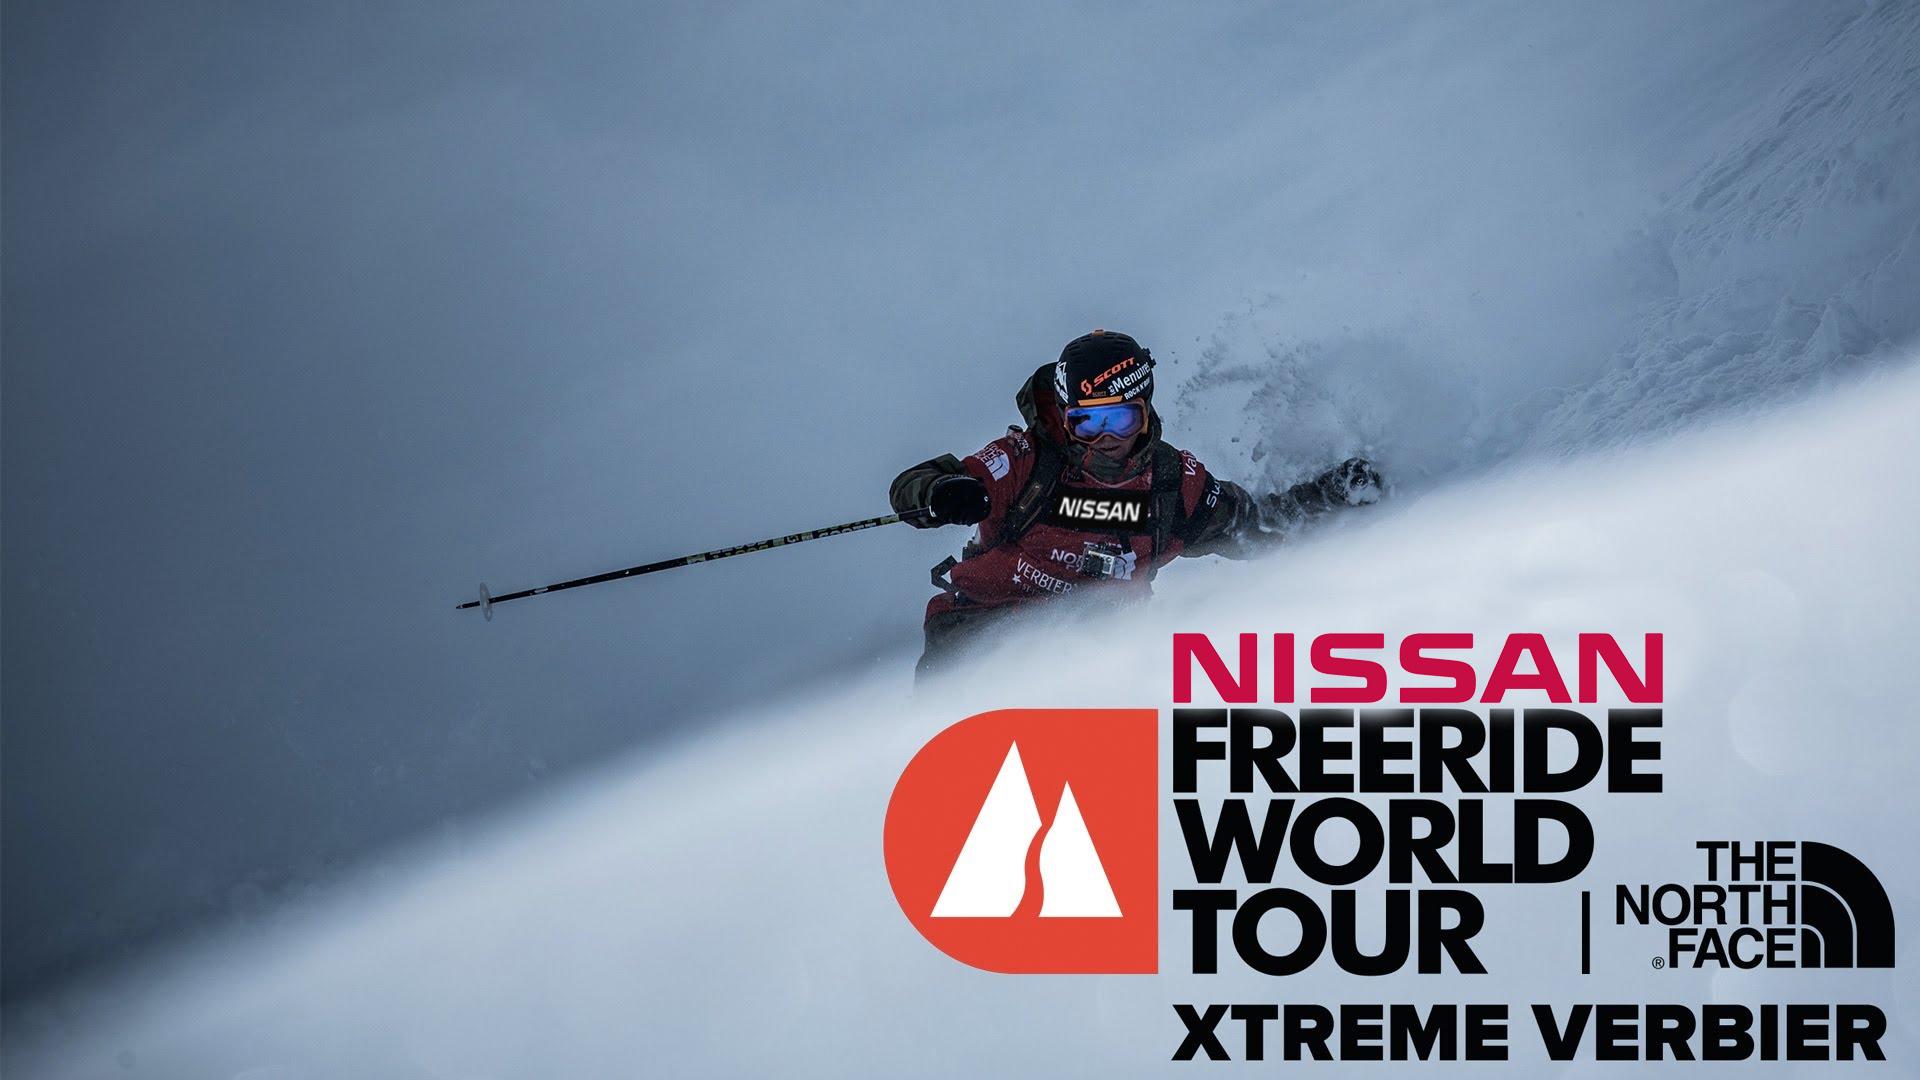 'Freeride World Tour' - Nissan & Eurosport